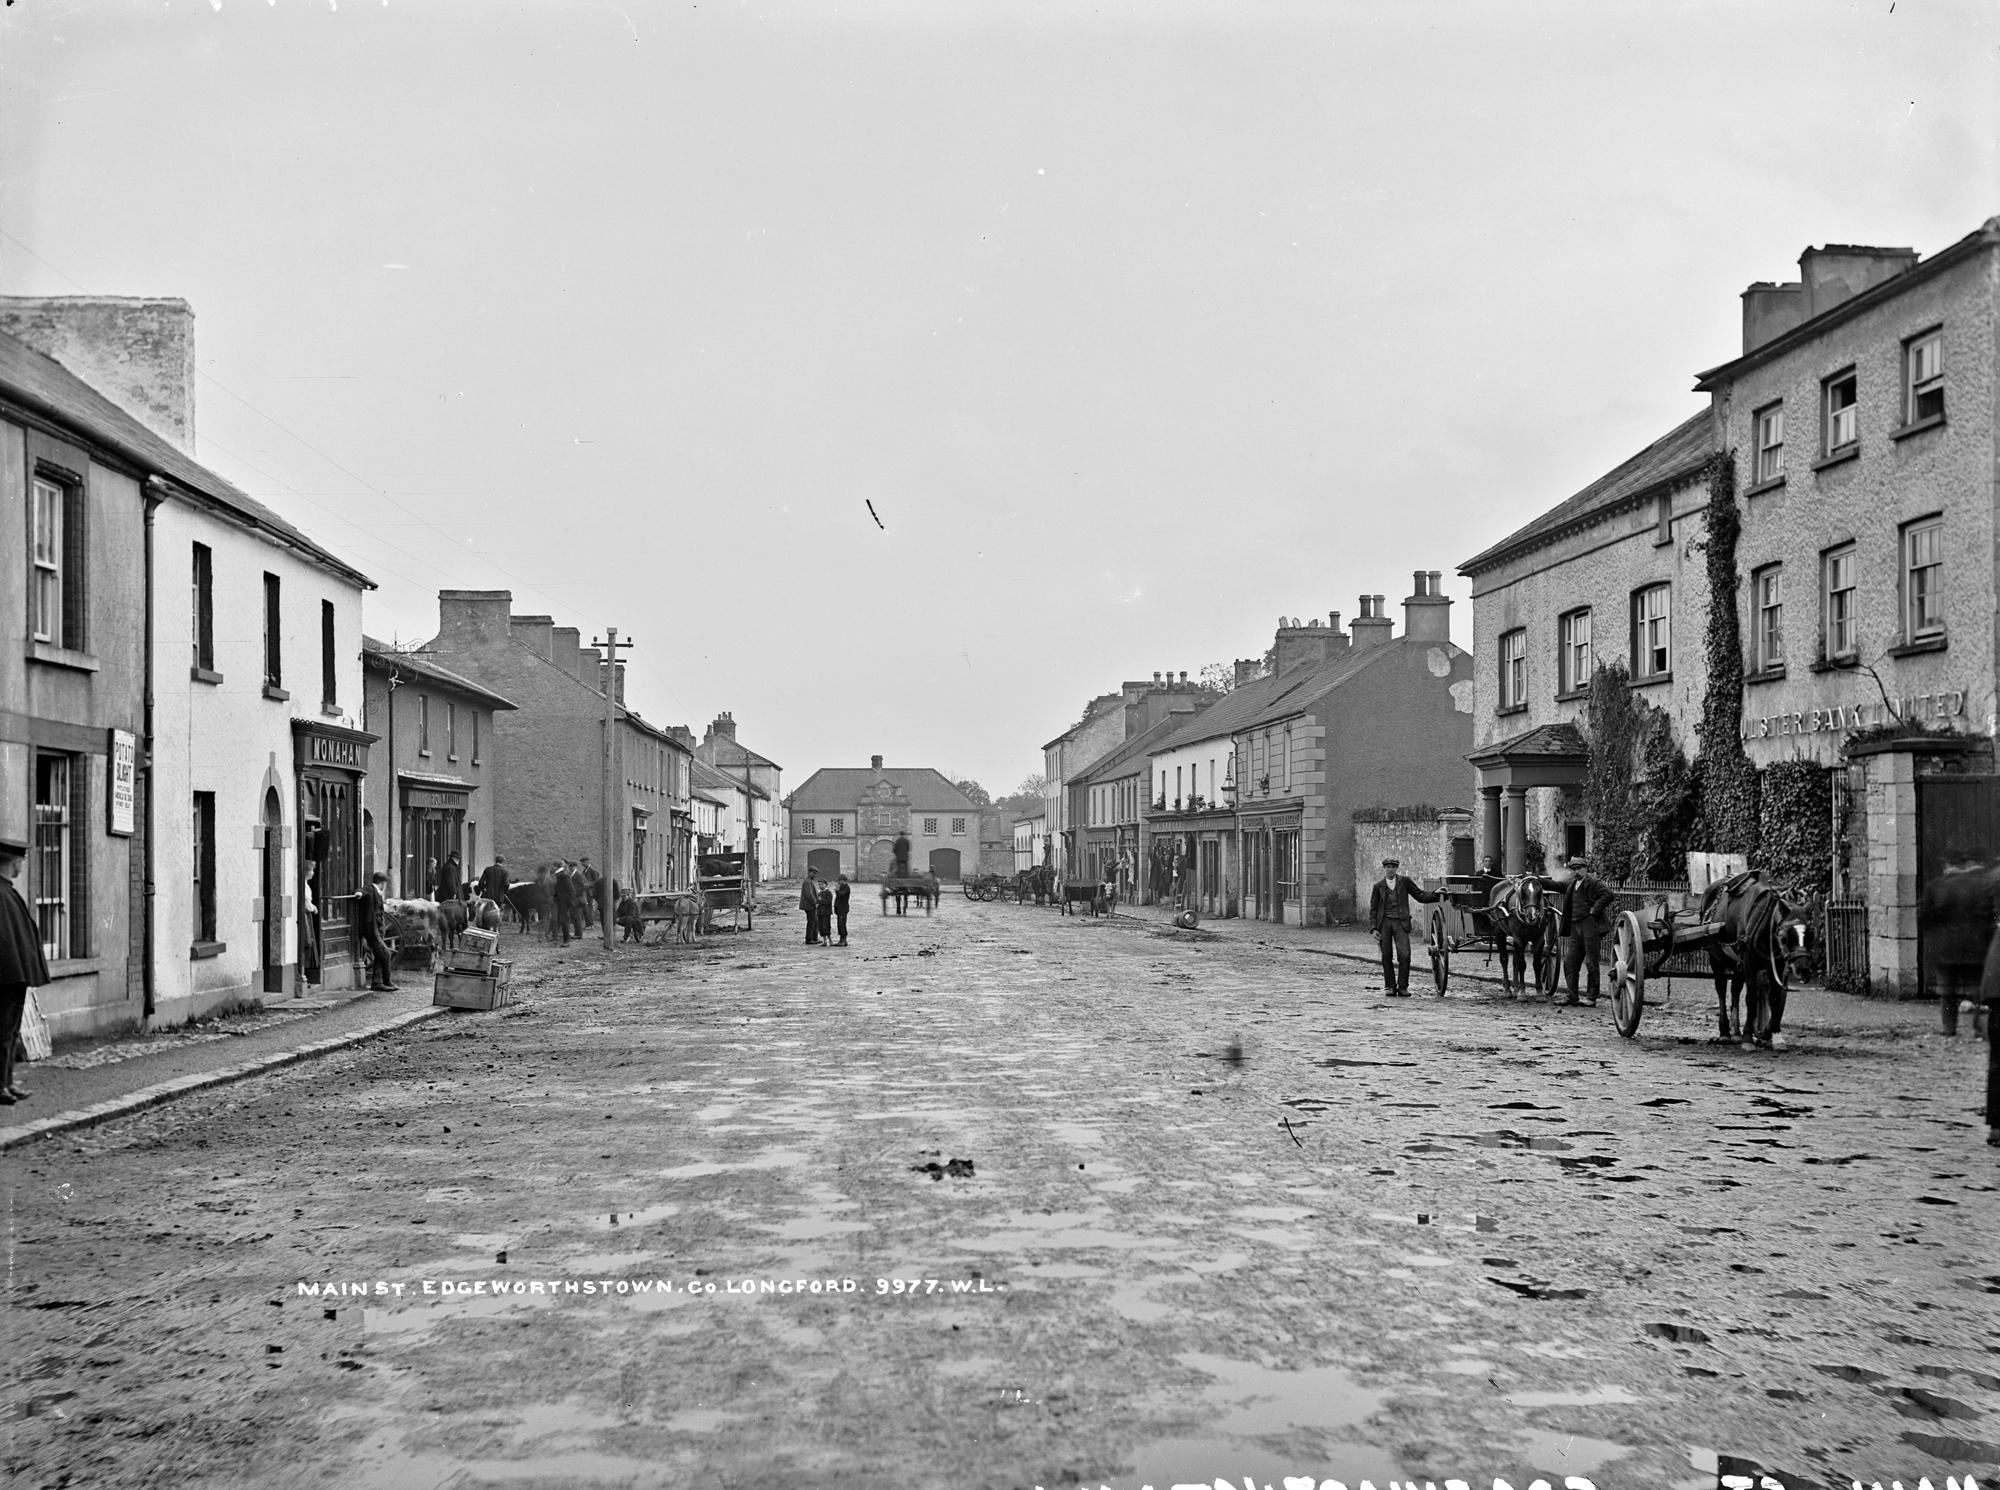 Main St. Edgeworthstown, Co. Longford